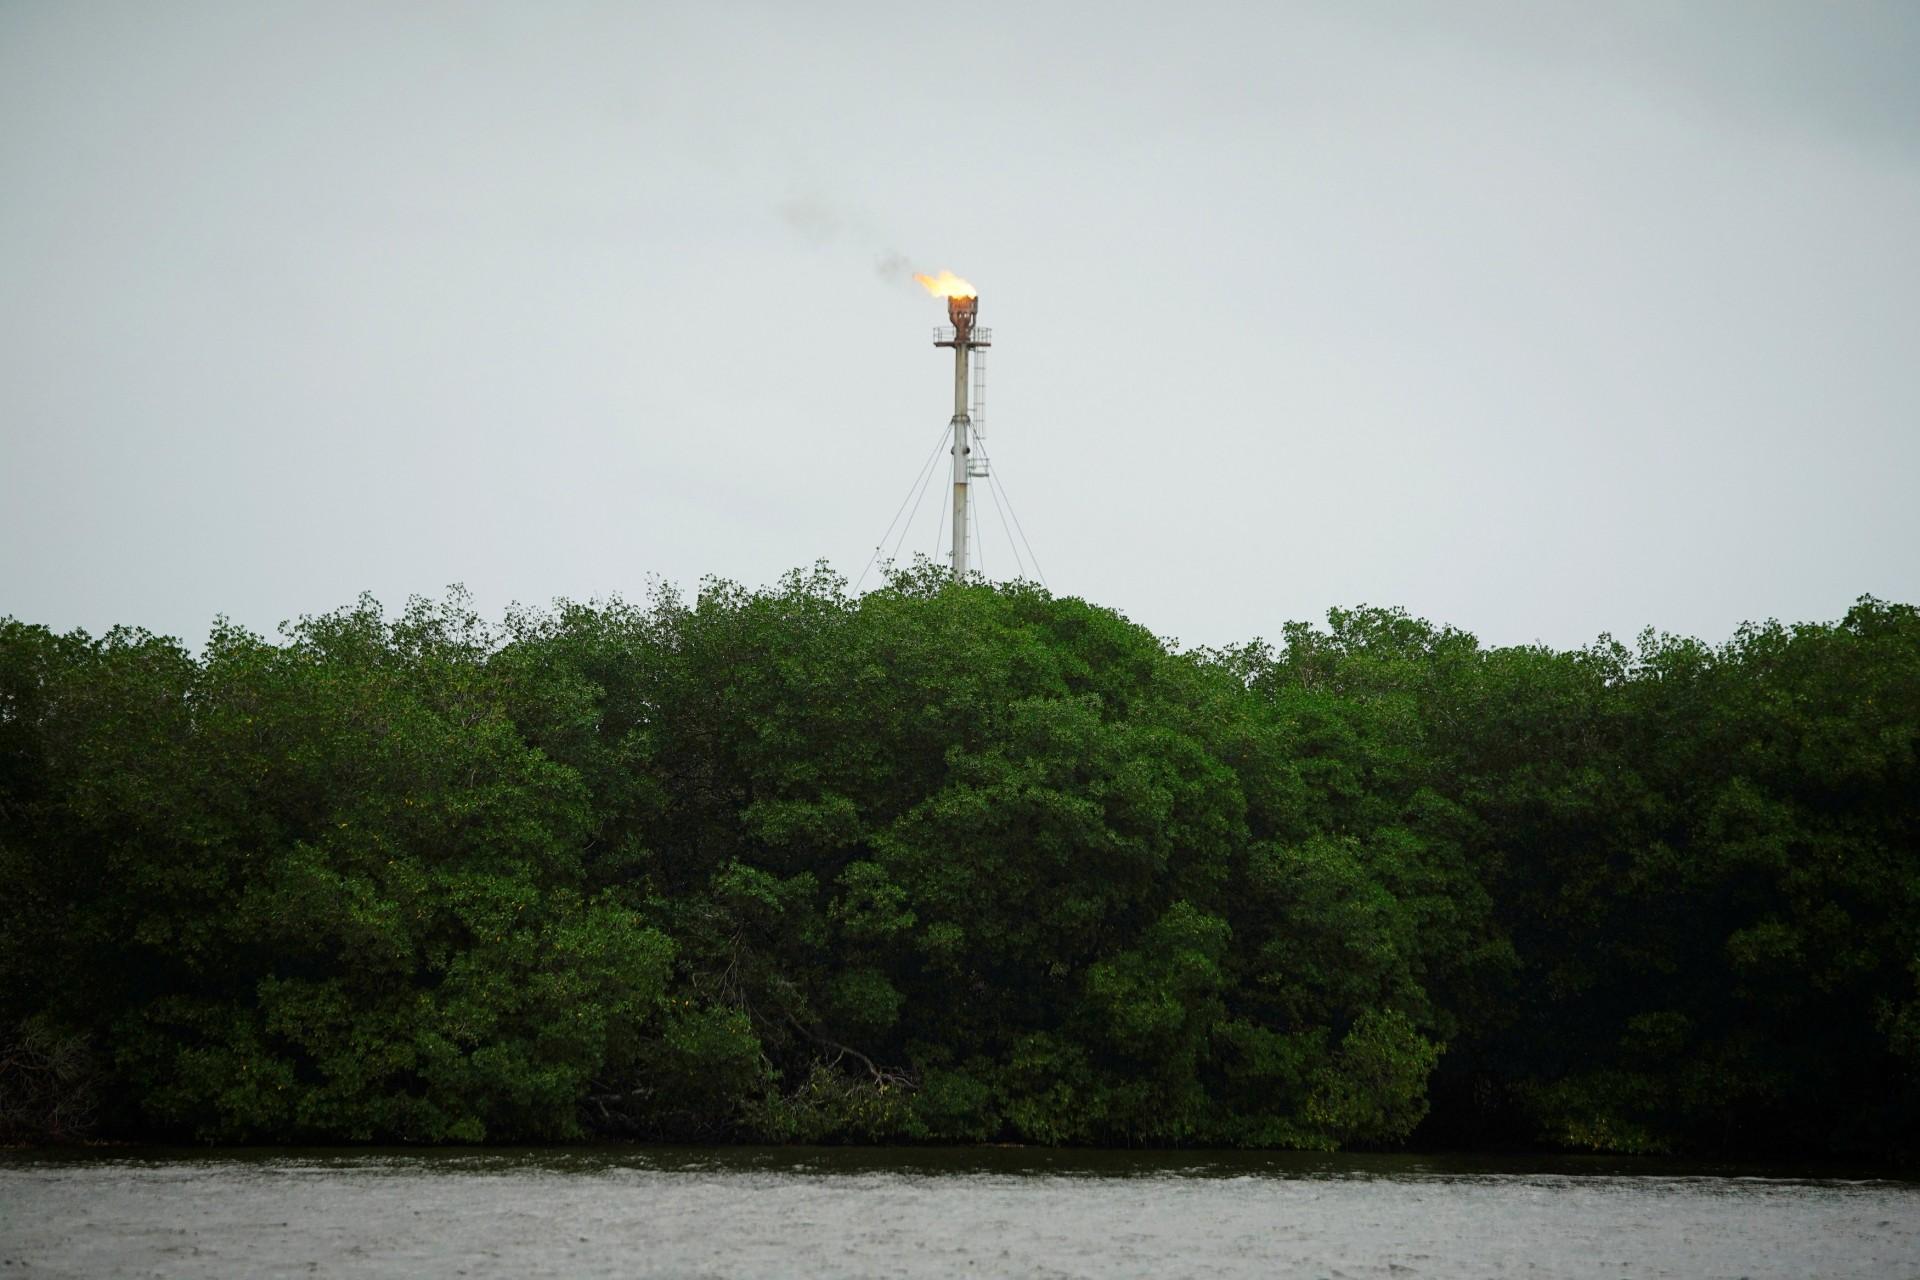 Una chimenea se encuentra en la terminal de petróleo crudo Dos Bocas cerca de un área de manglares en Paraiso, México, el 10 de diciembre de 2018.